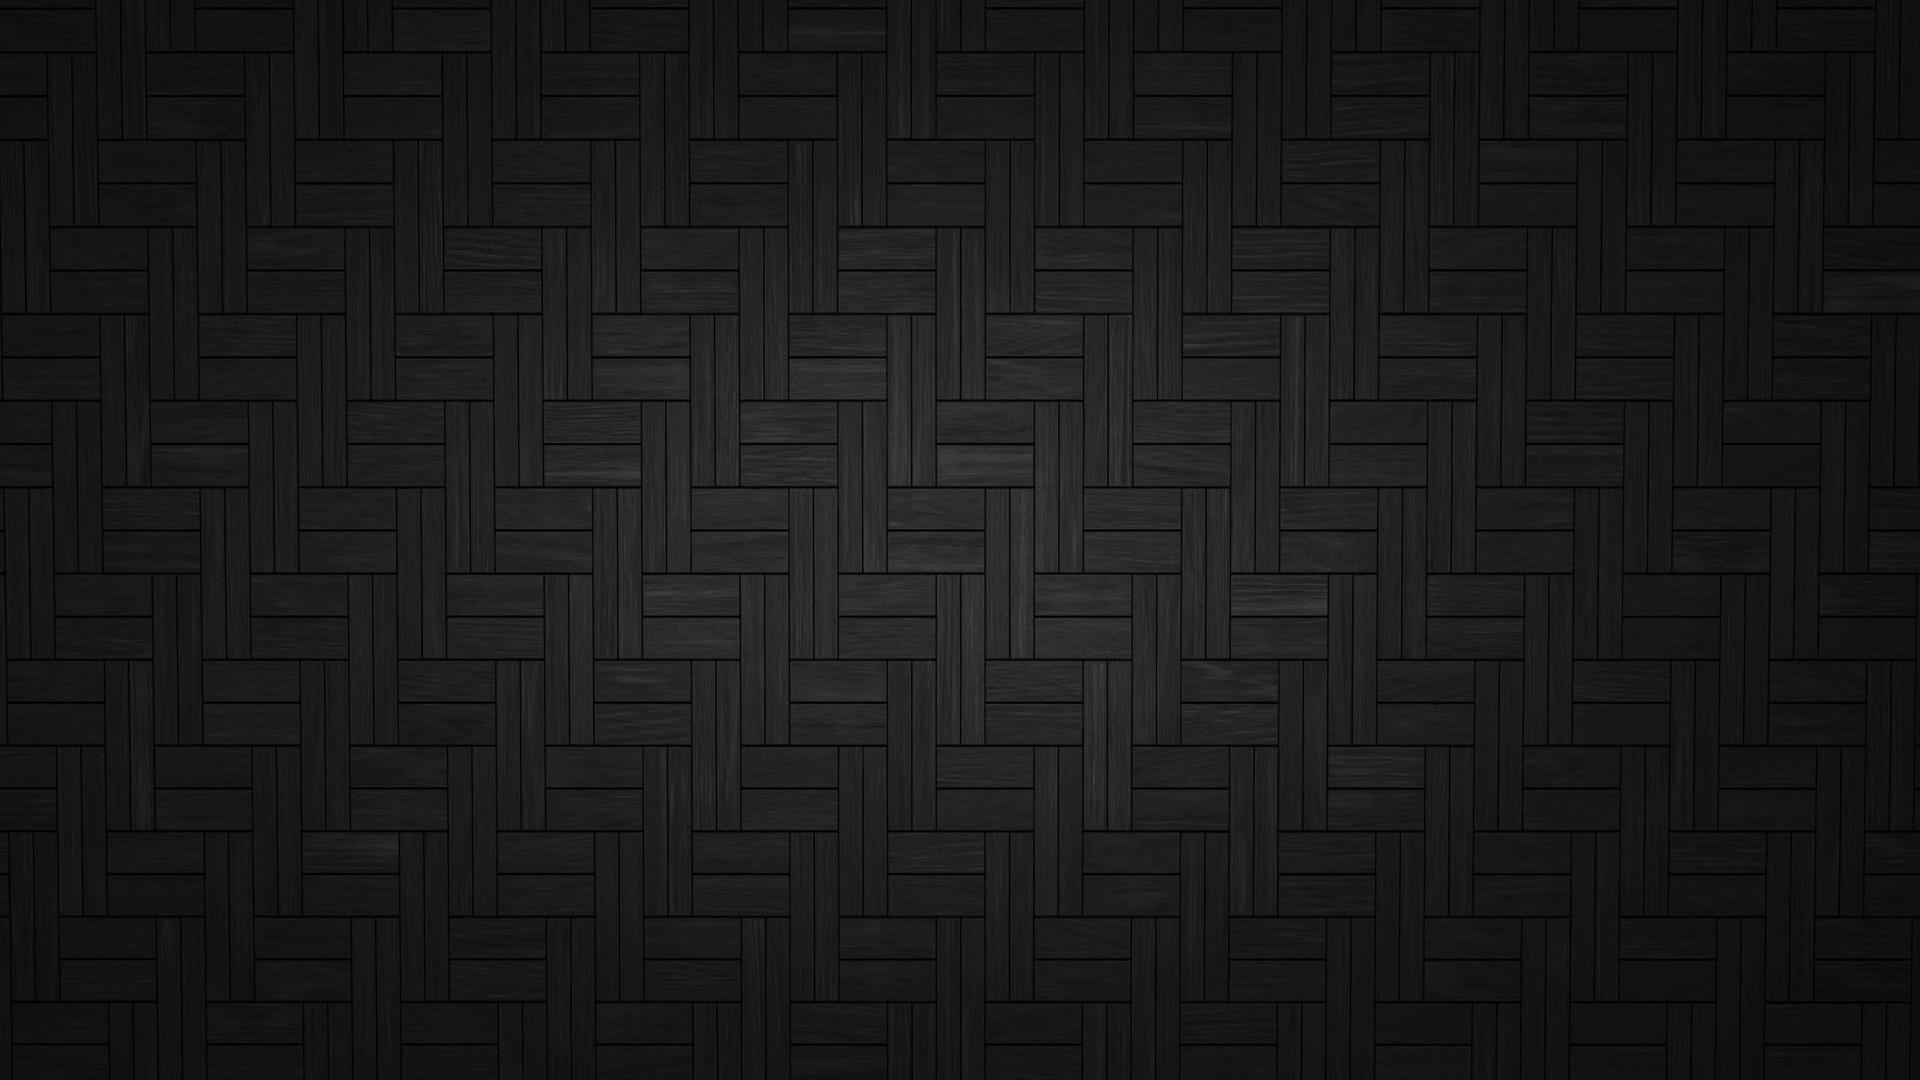 wallpaper.wiki-Dark-Wood-Tiles-Photos-1920×1080-PIC-